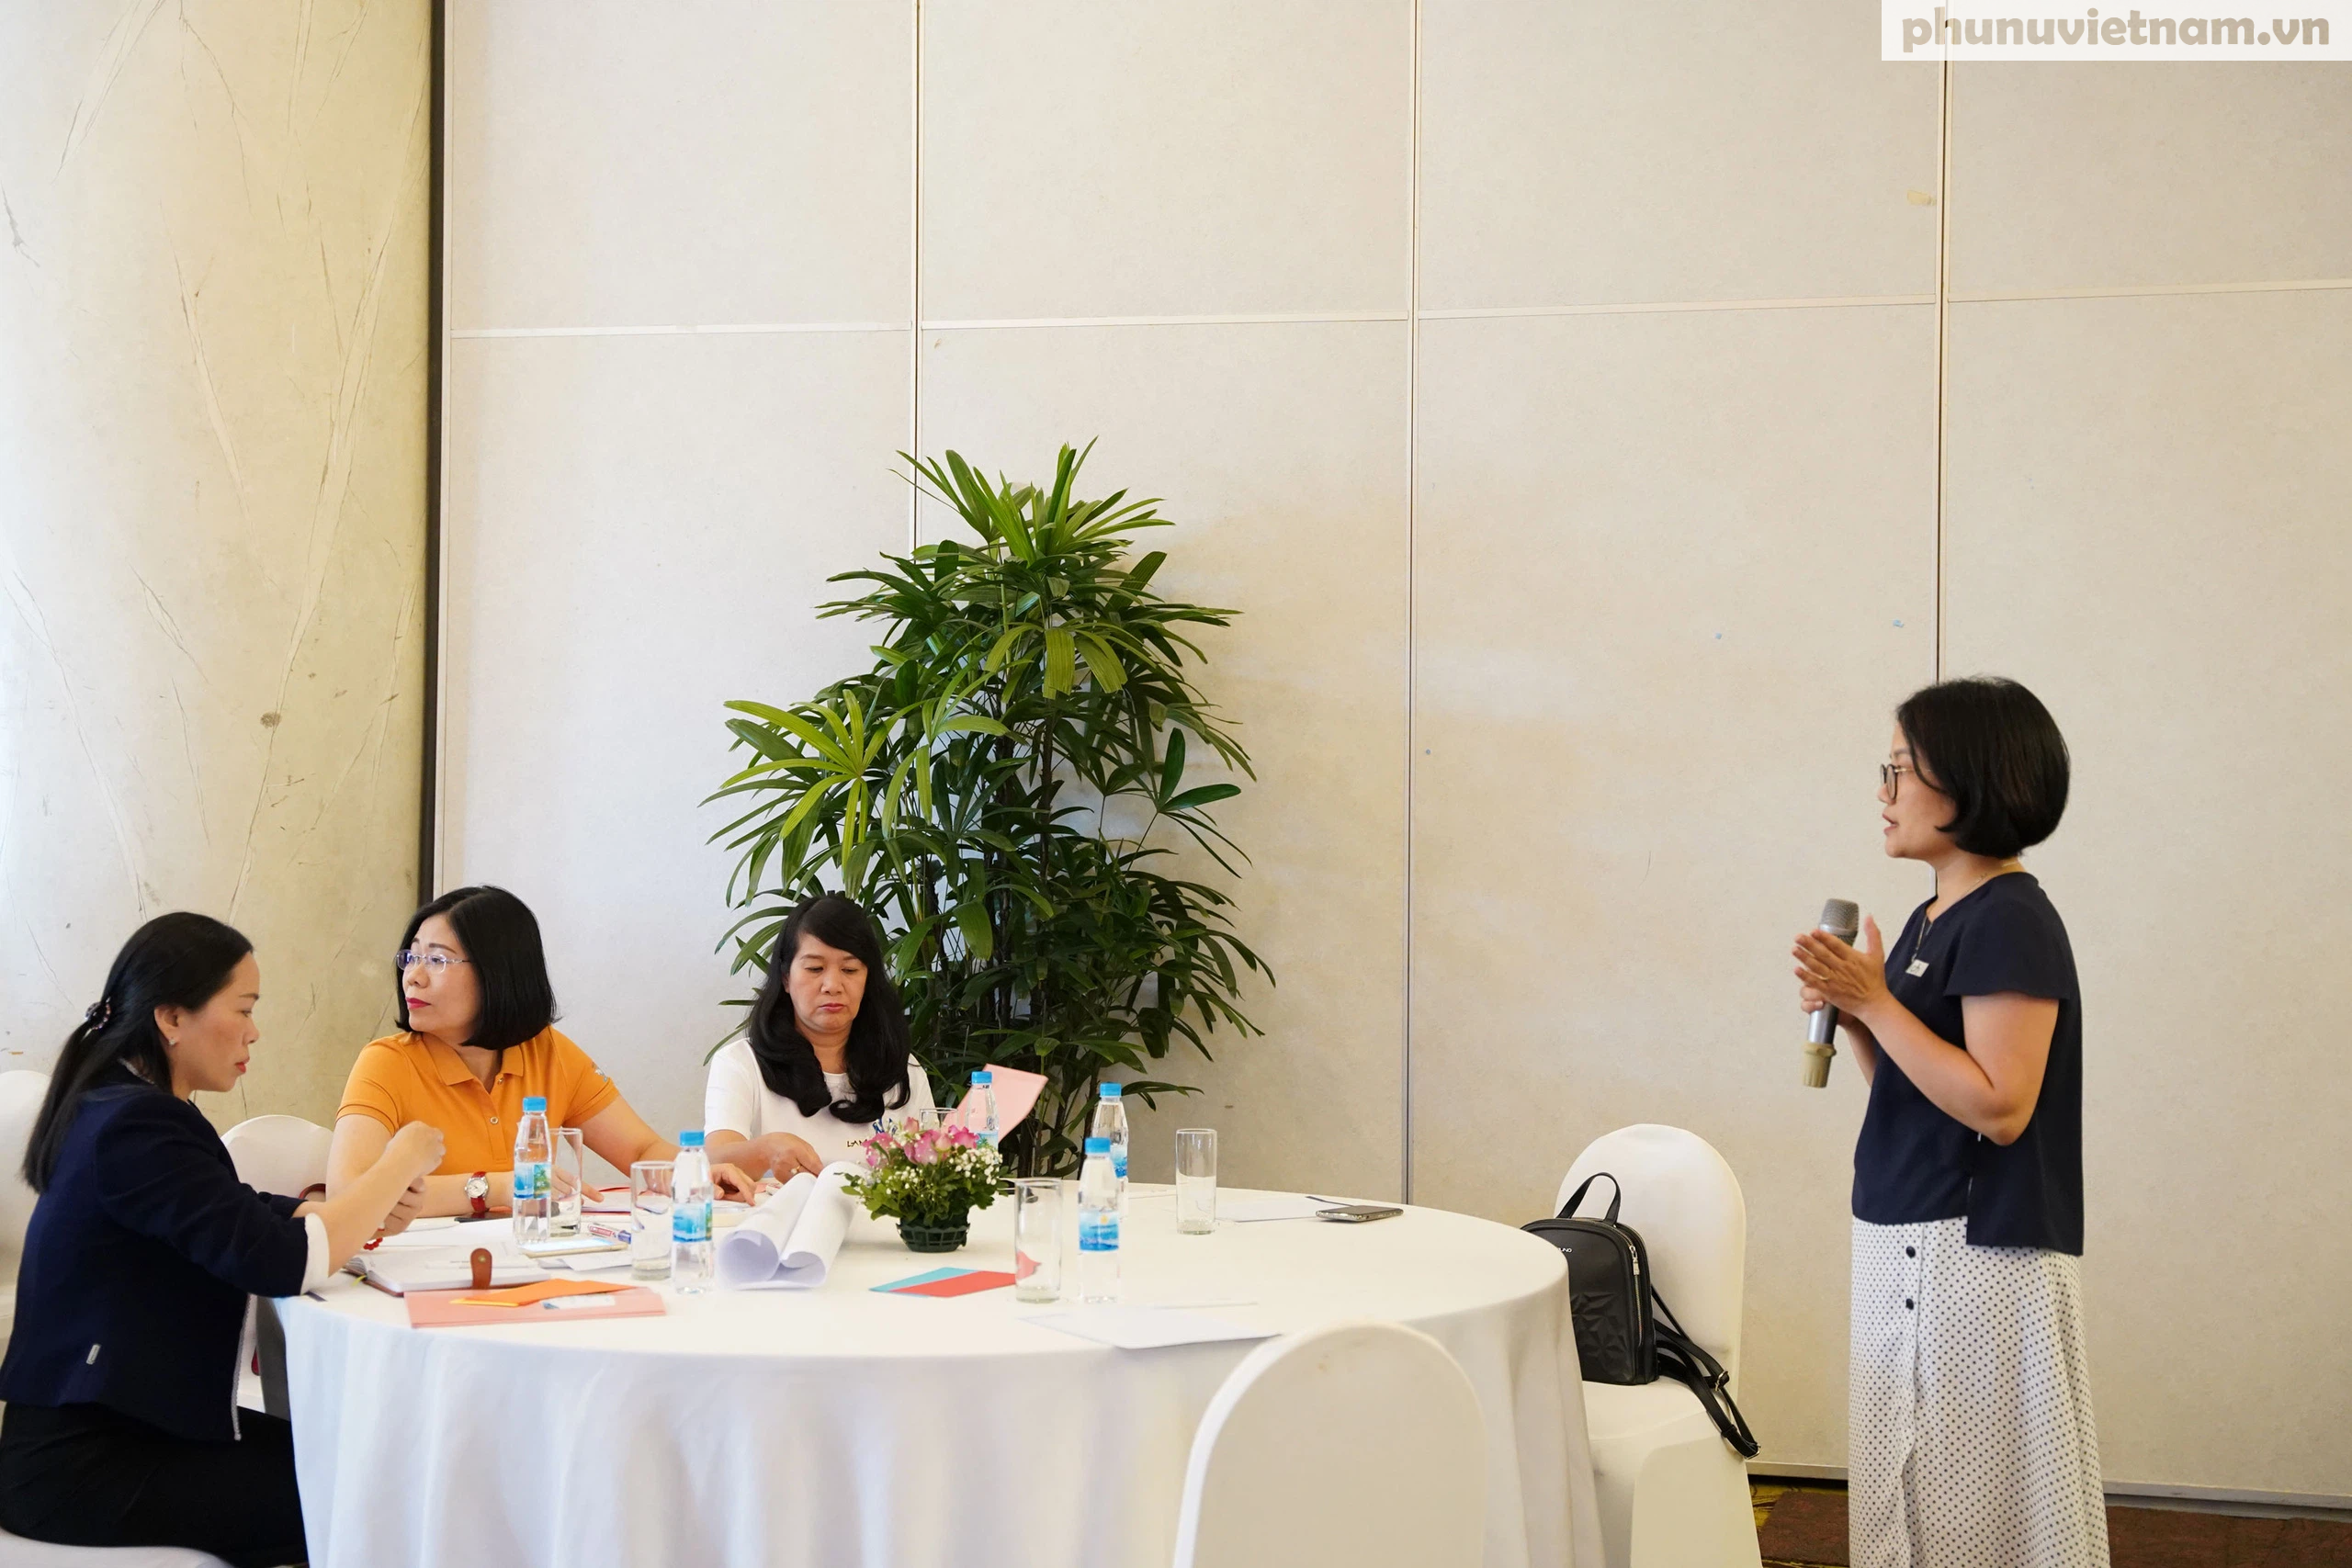 Cán bộ Hội LHPN ở 5 tỉnh, thành phố tham gia tập huấn về tham vấn cho phụ nữ di cư hồi hương - Ảnh 2.